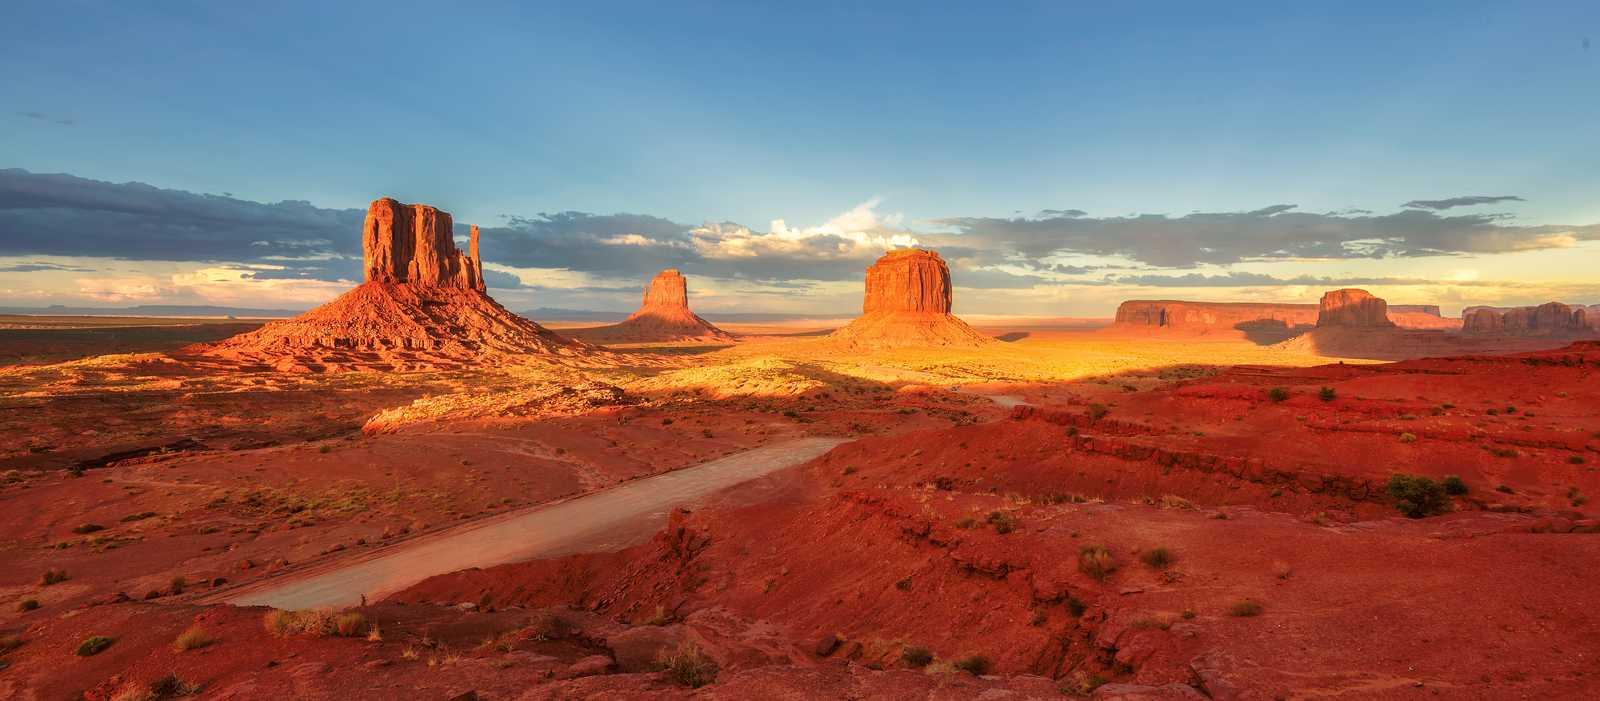 Ausblick auf das Monument Valley bei Sonnenuntergang